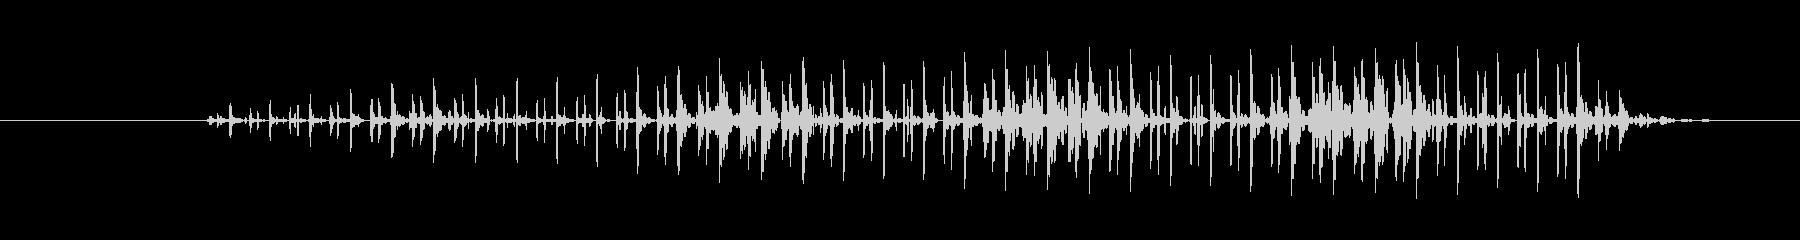 FI 実用性 スキャナーウォブルロー01の未再生の波形